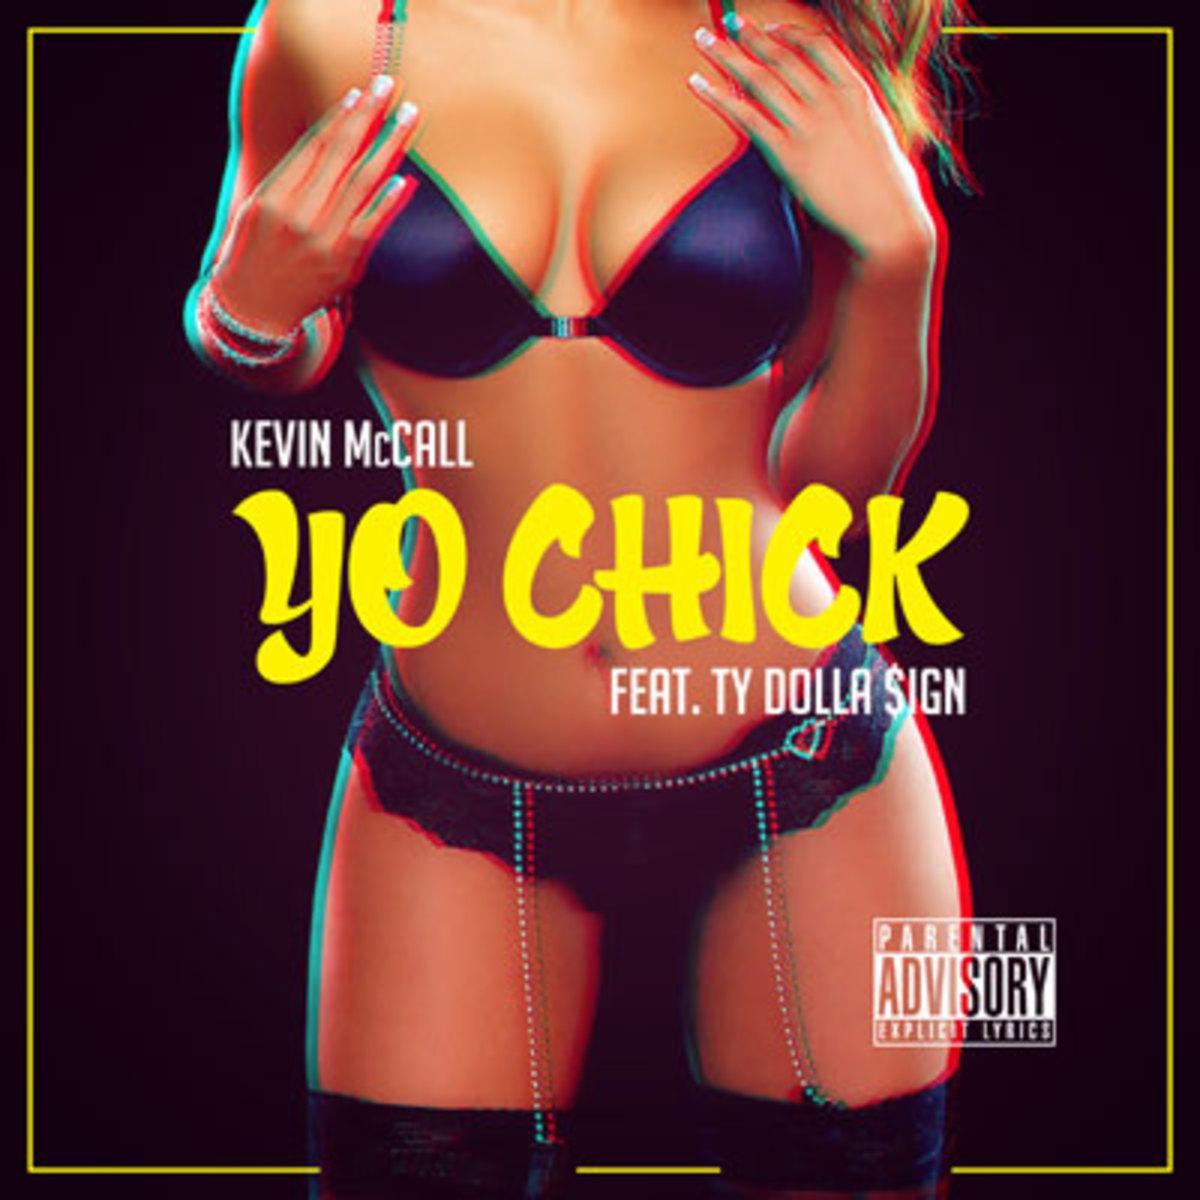 kmccall-yochick.jpg